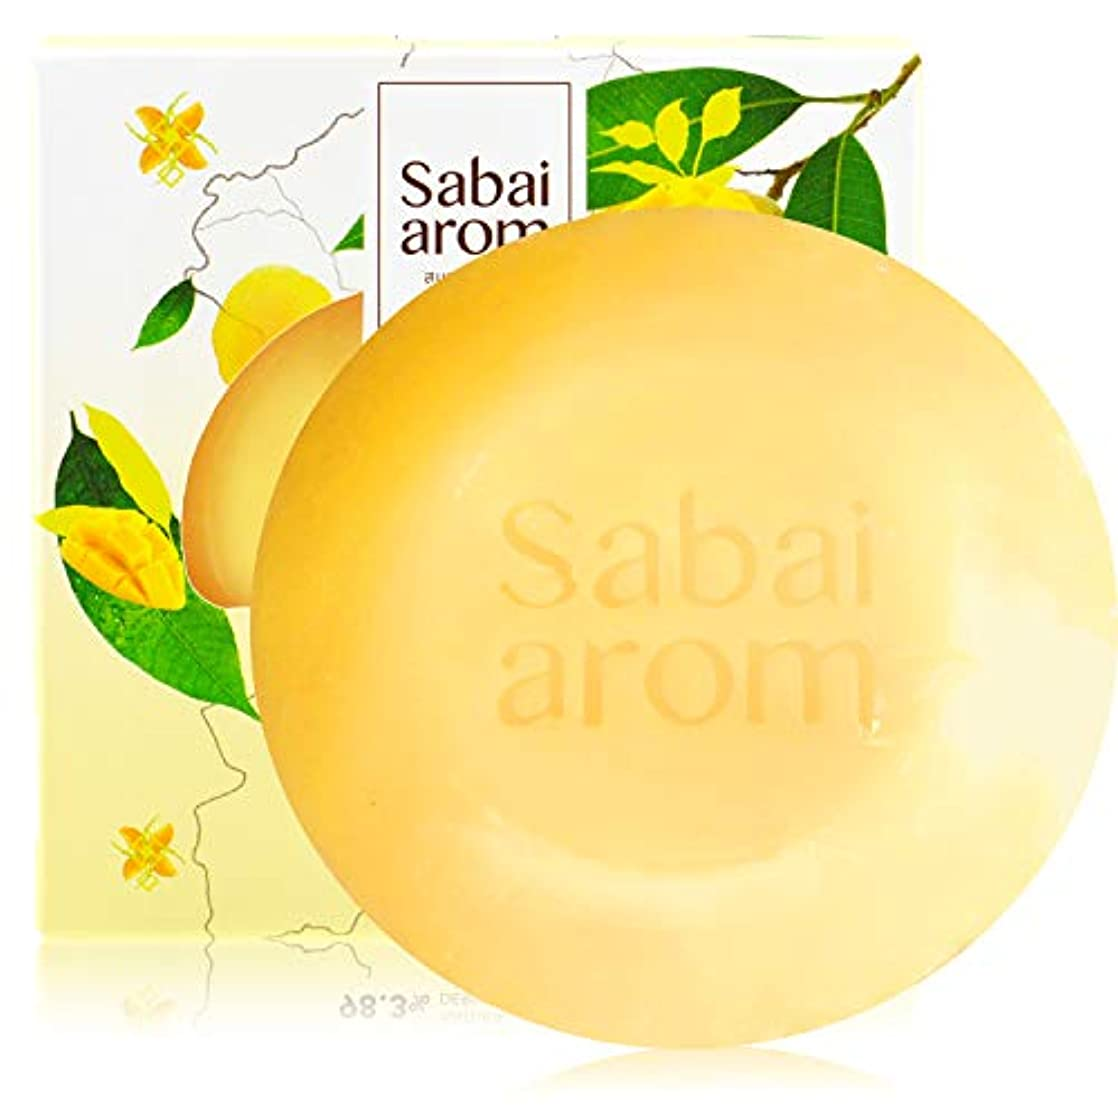 苦しめる部門ホテルサバイアロム(Sabai-arom) マンゴー オーチャード フェイス&ボディソープバー (石鹸) 100g【MAN】【001】